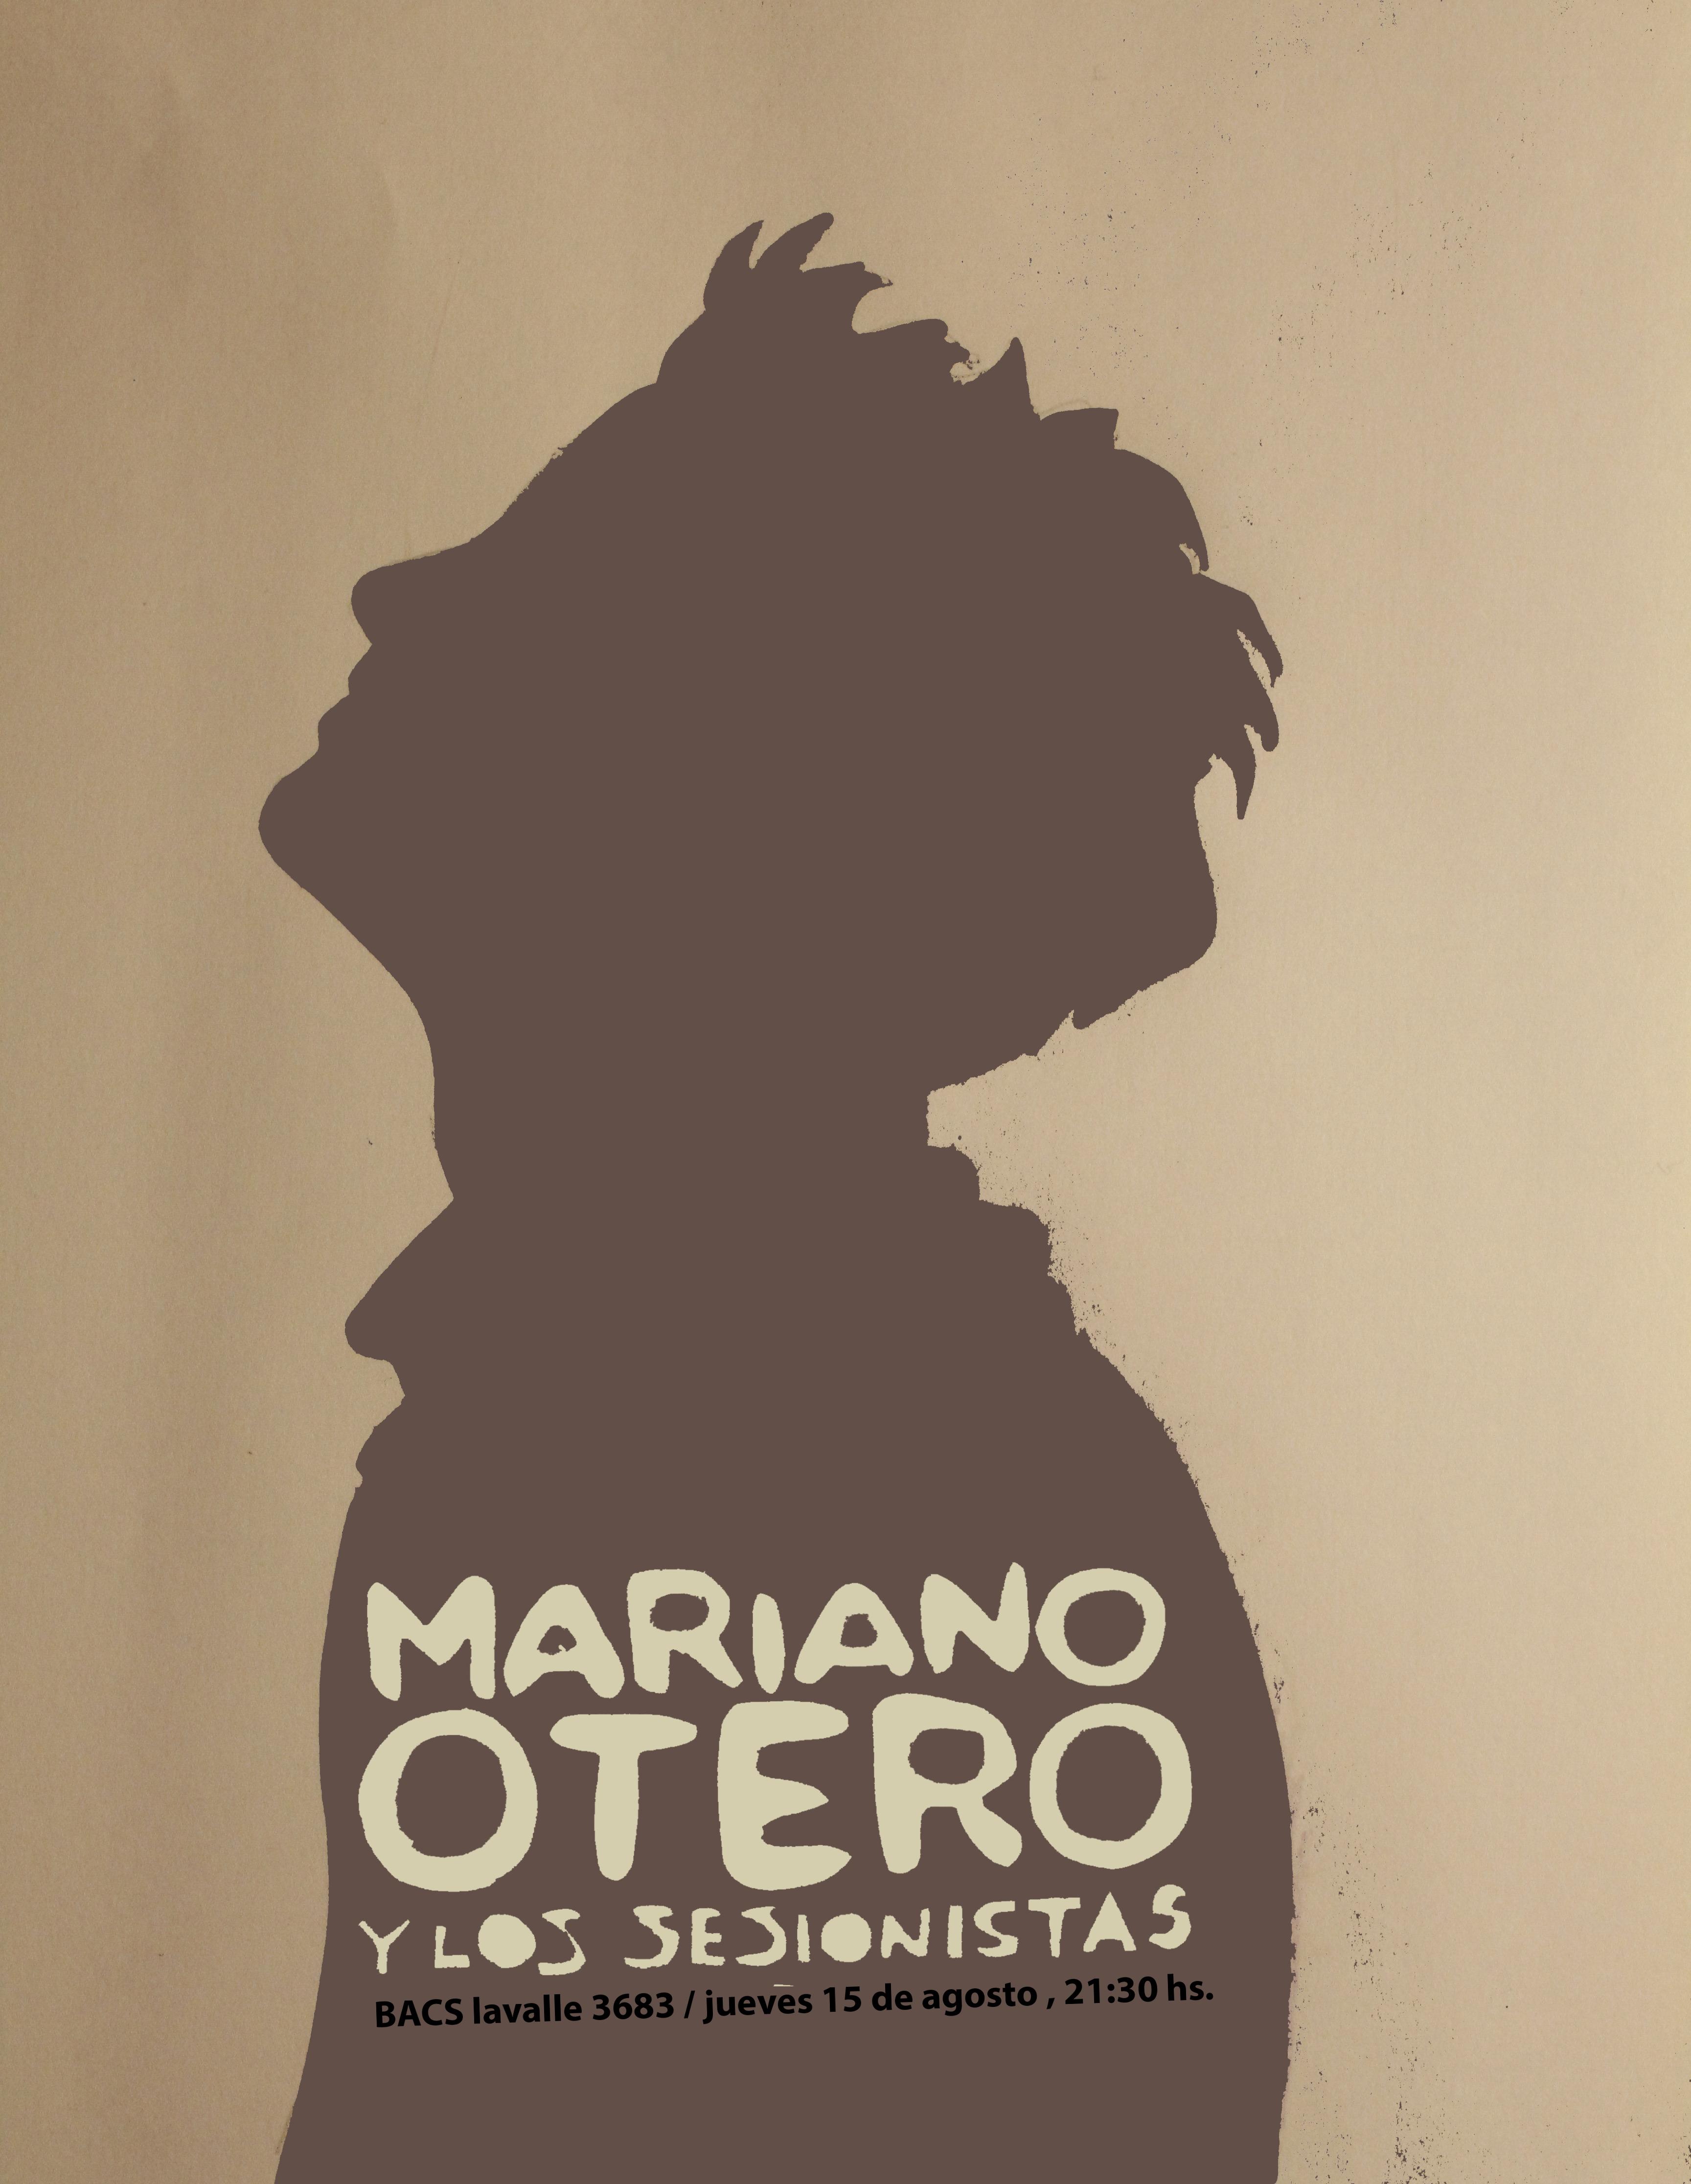 MARIANO OTERO y los sesionistas.